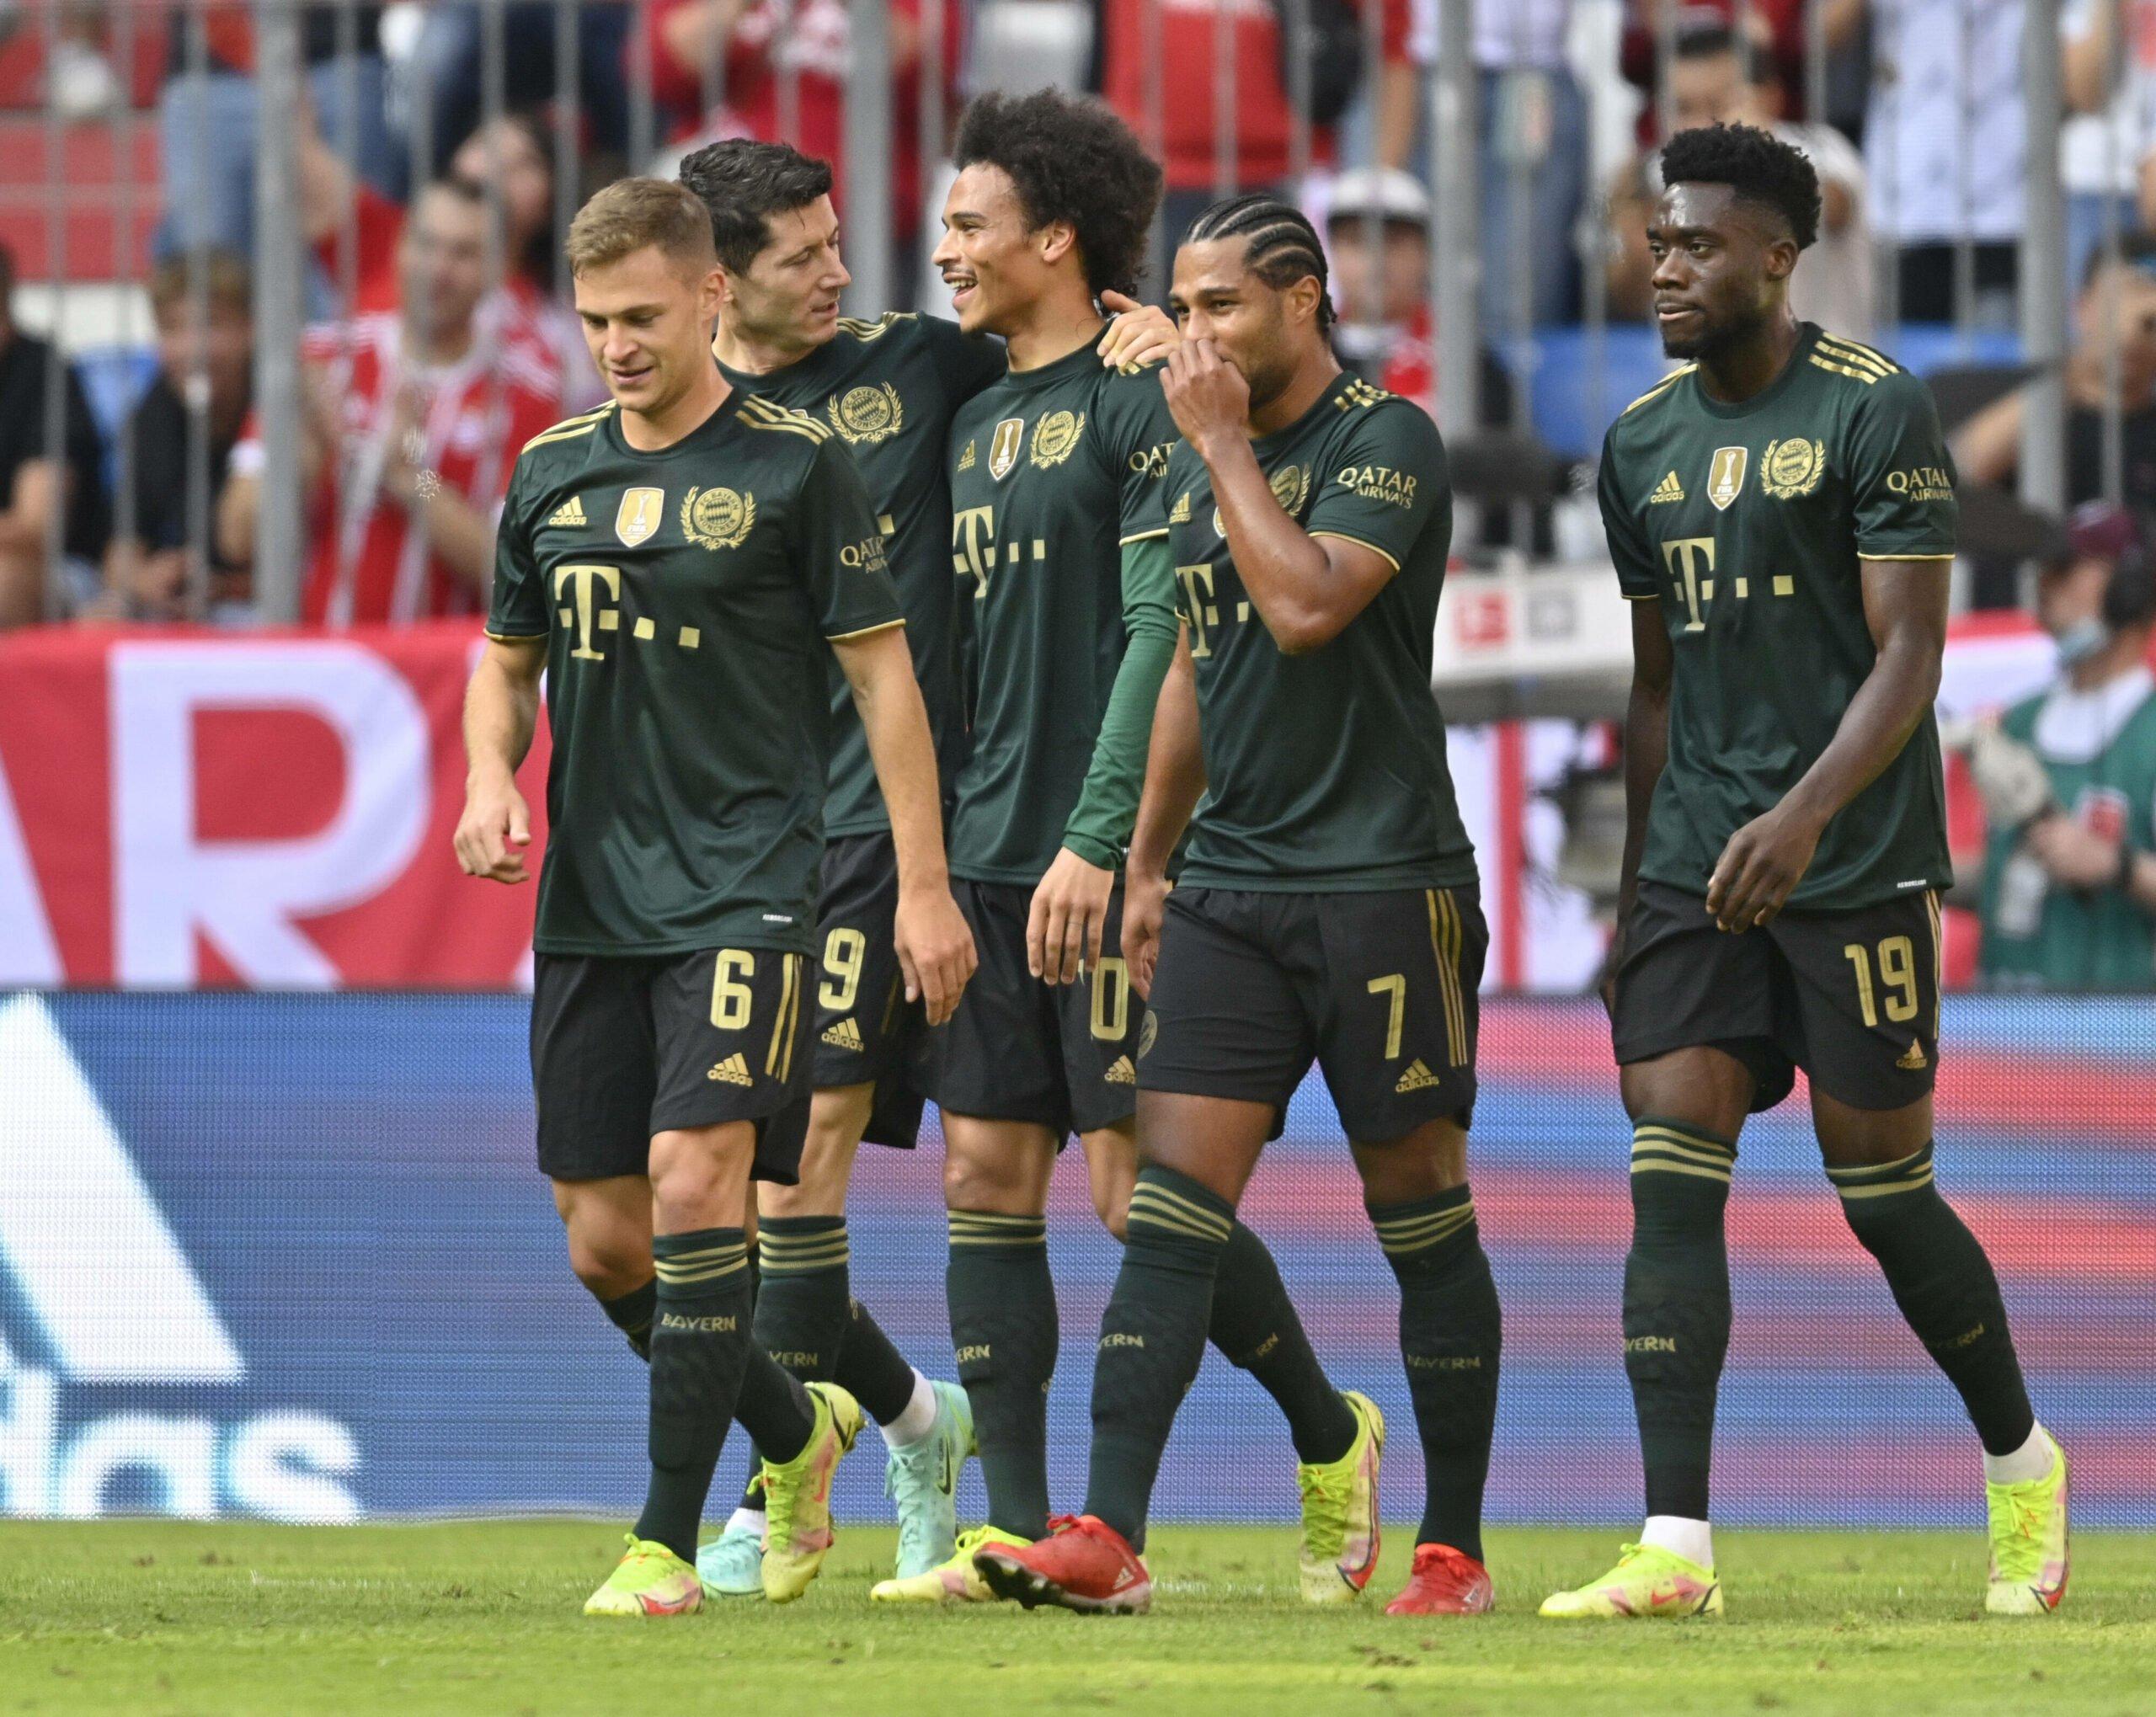 FC Bayern